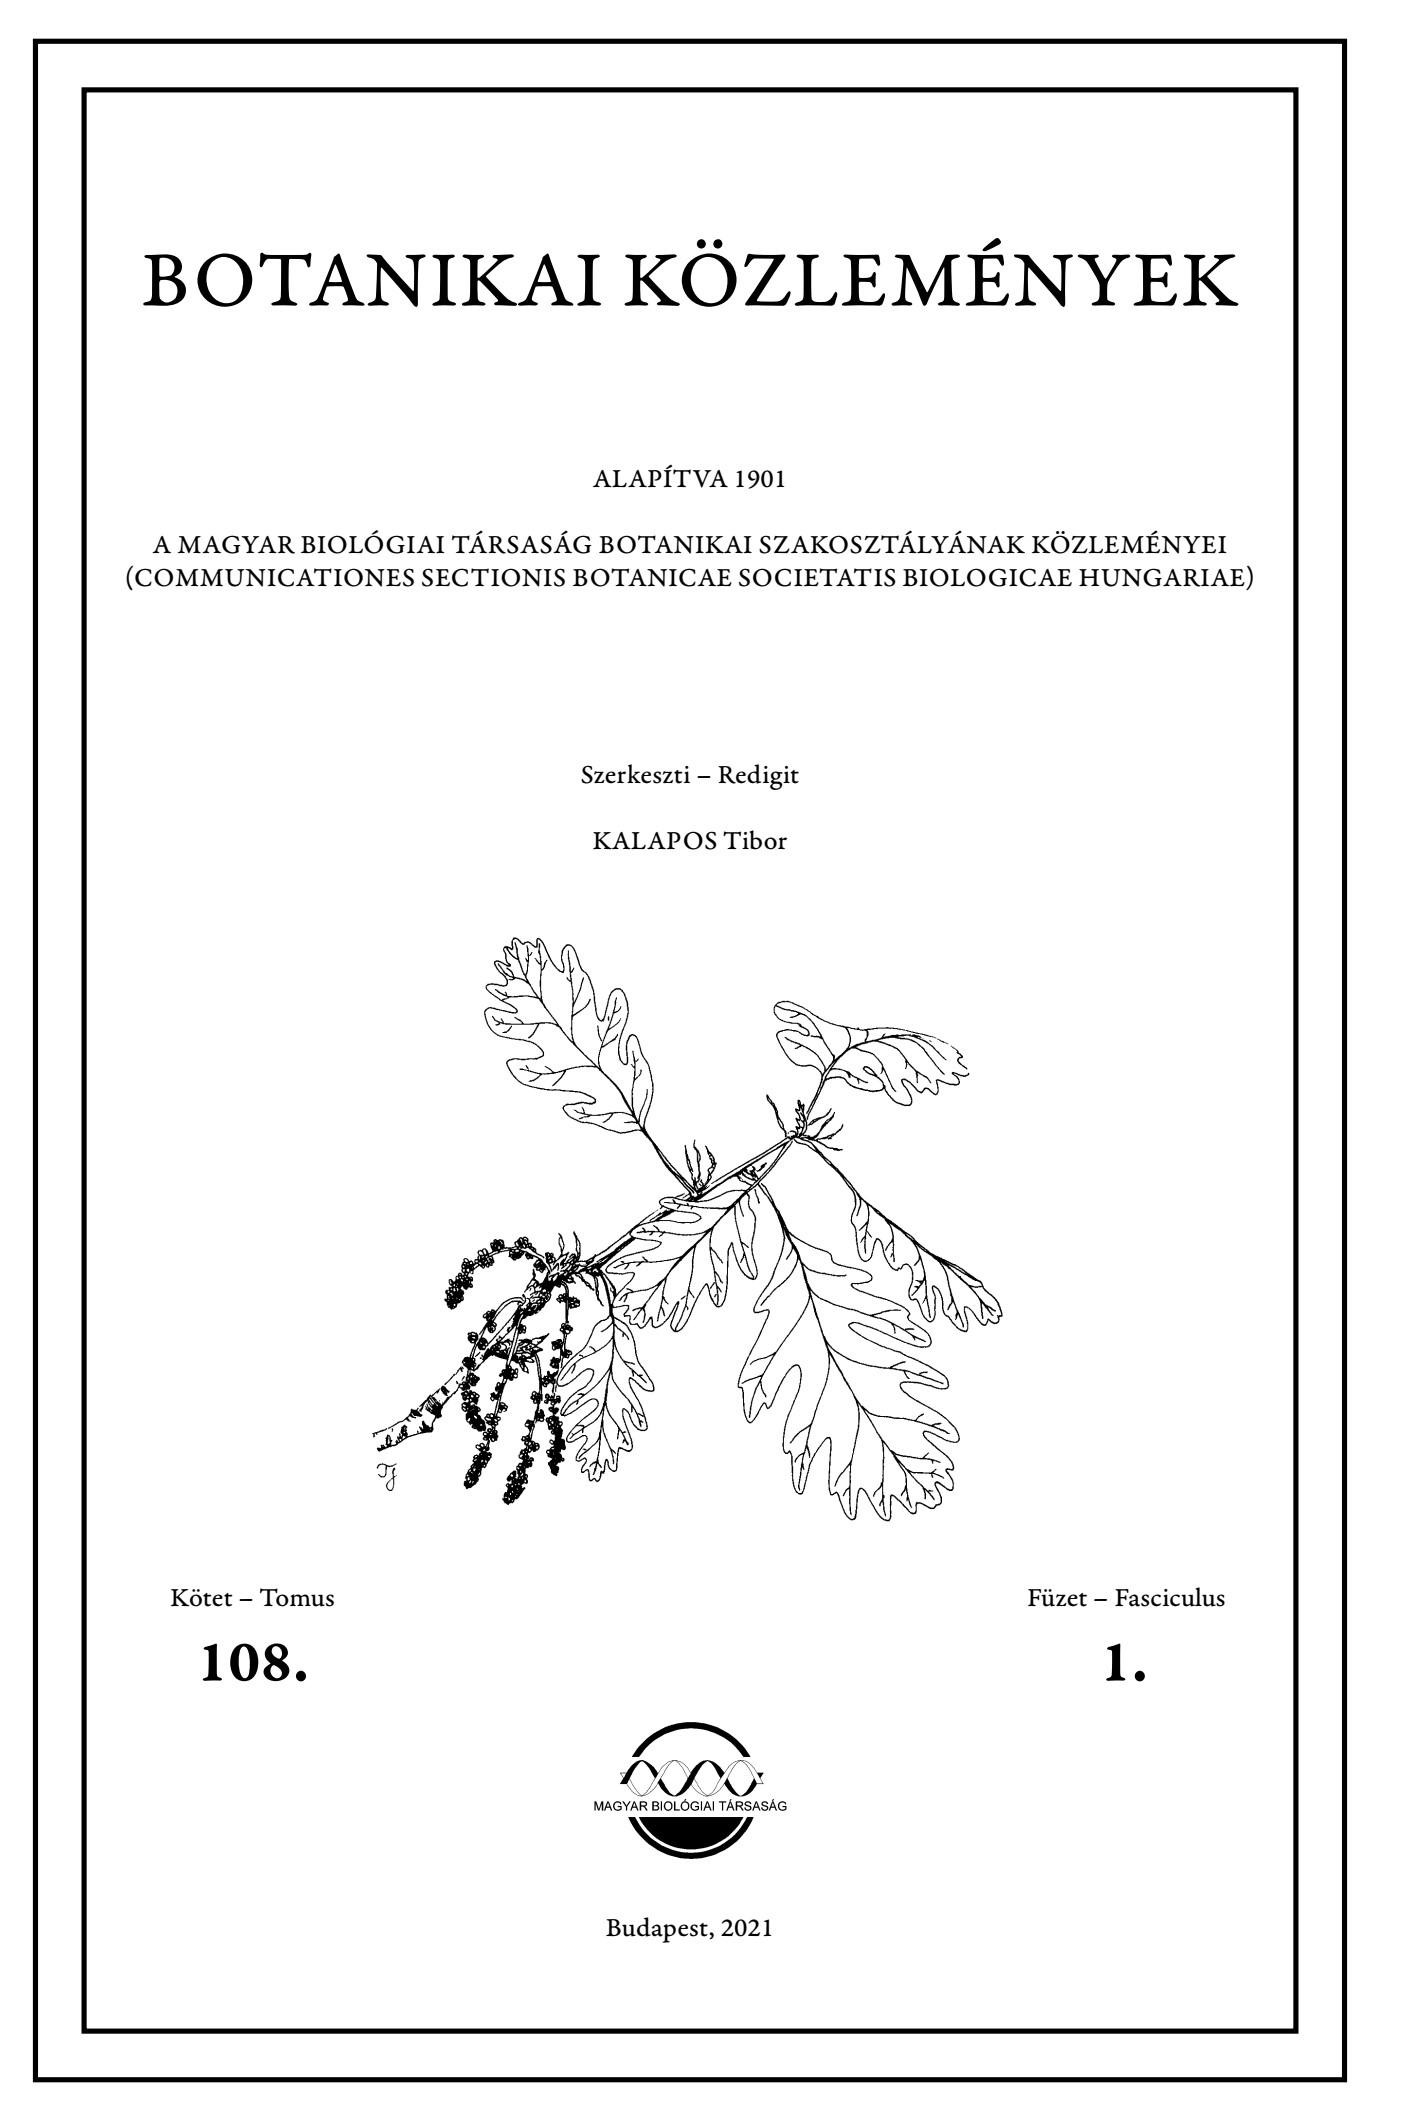 Botanikai Közlemények címlap